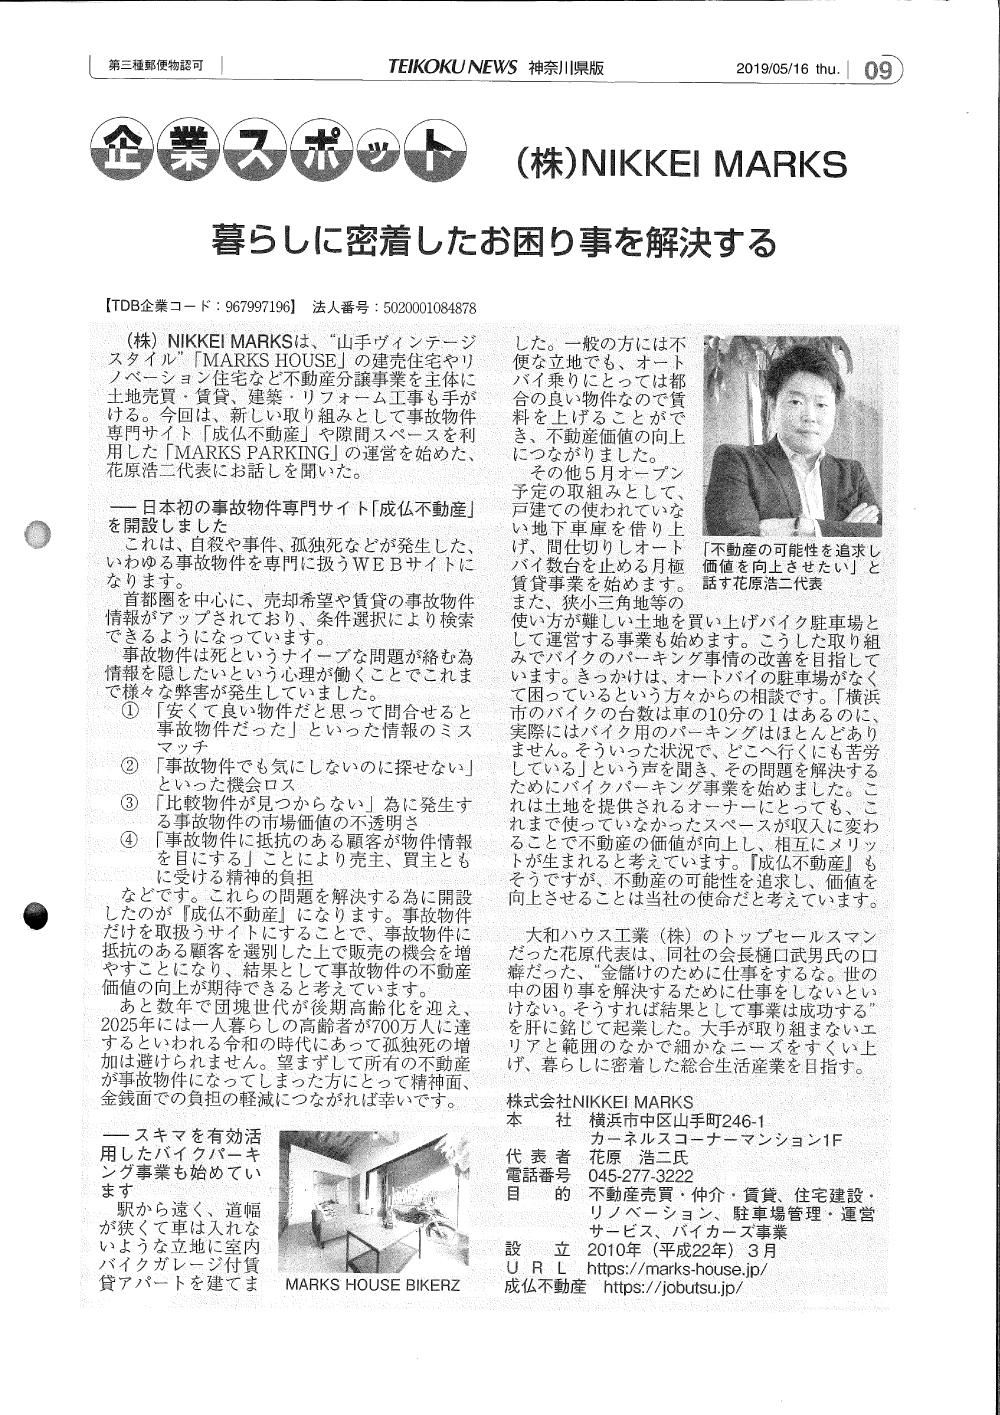 帝国ニュース神奈川県版に掲載されました